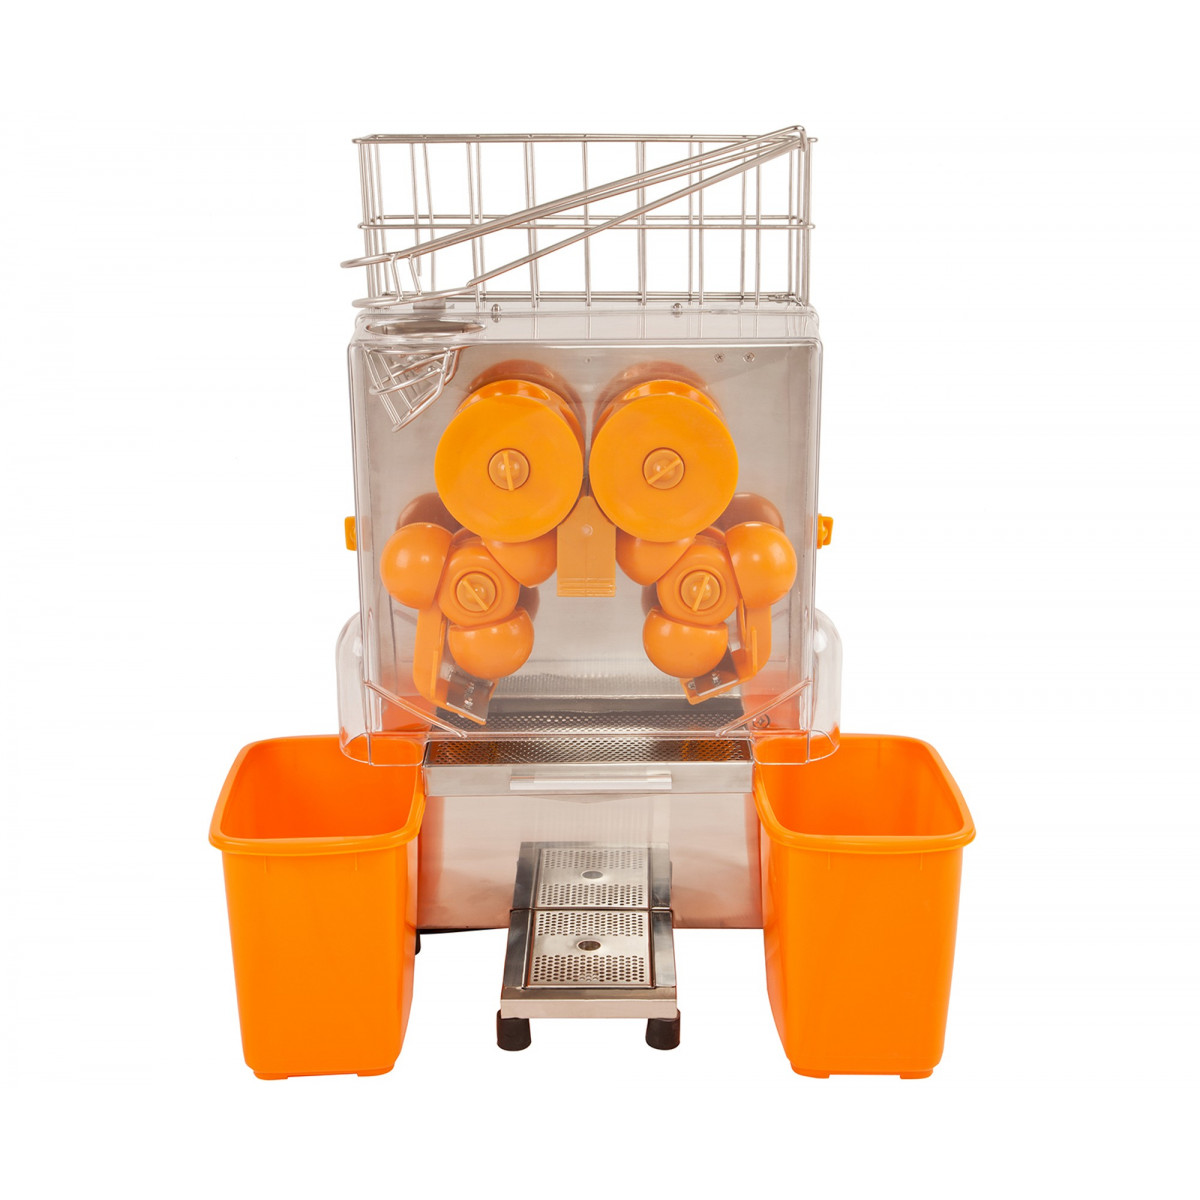 Maszyna do robienia świeżych soków SONORO